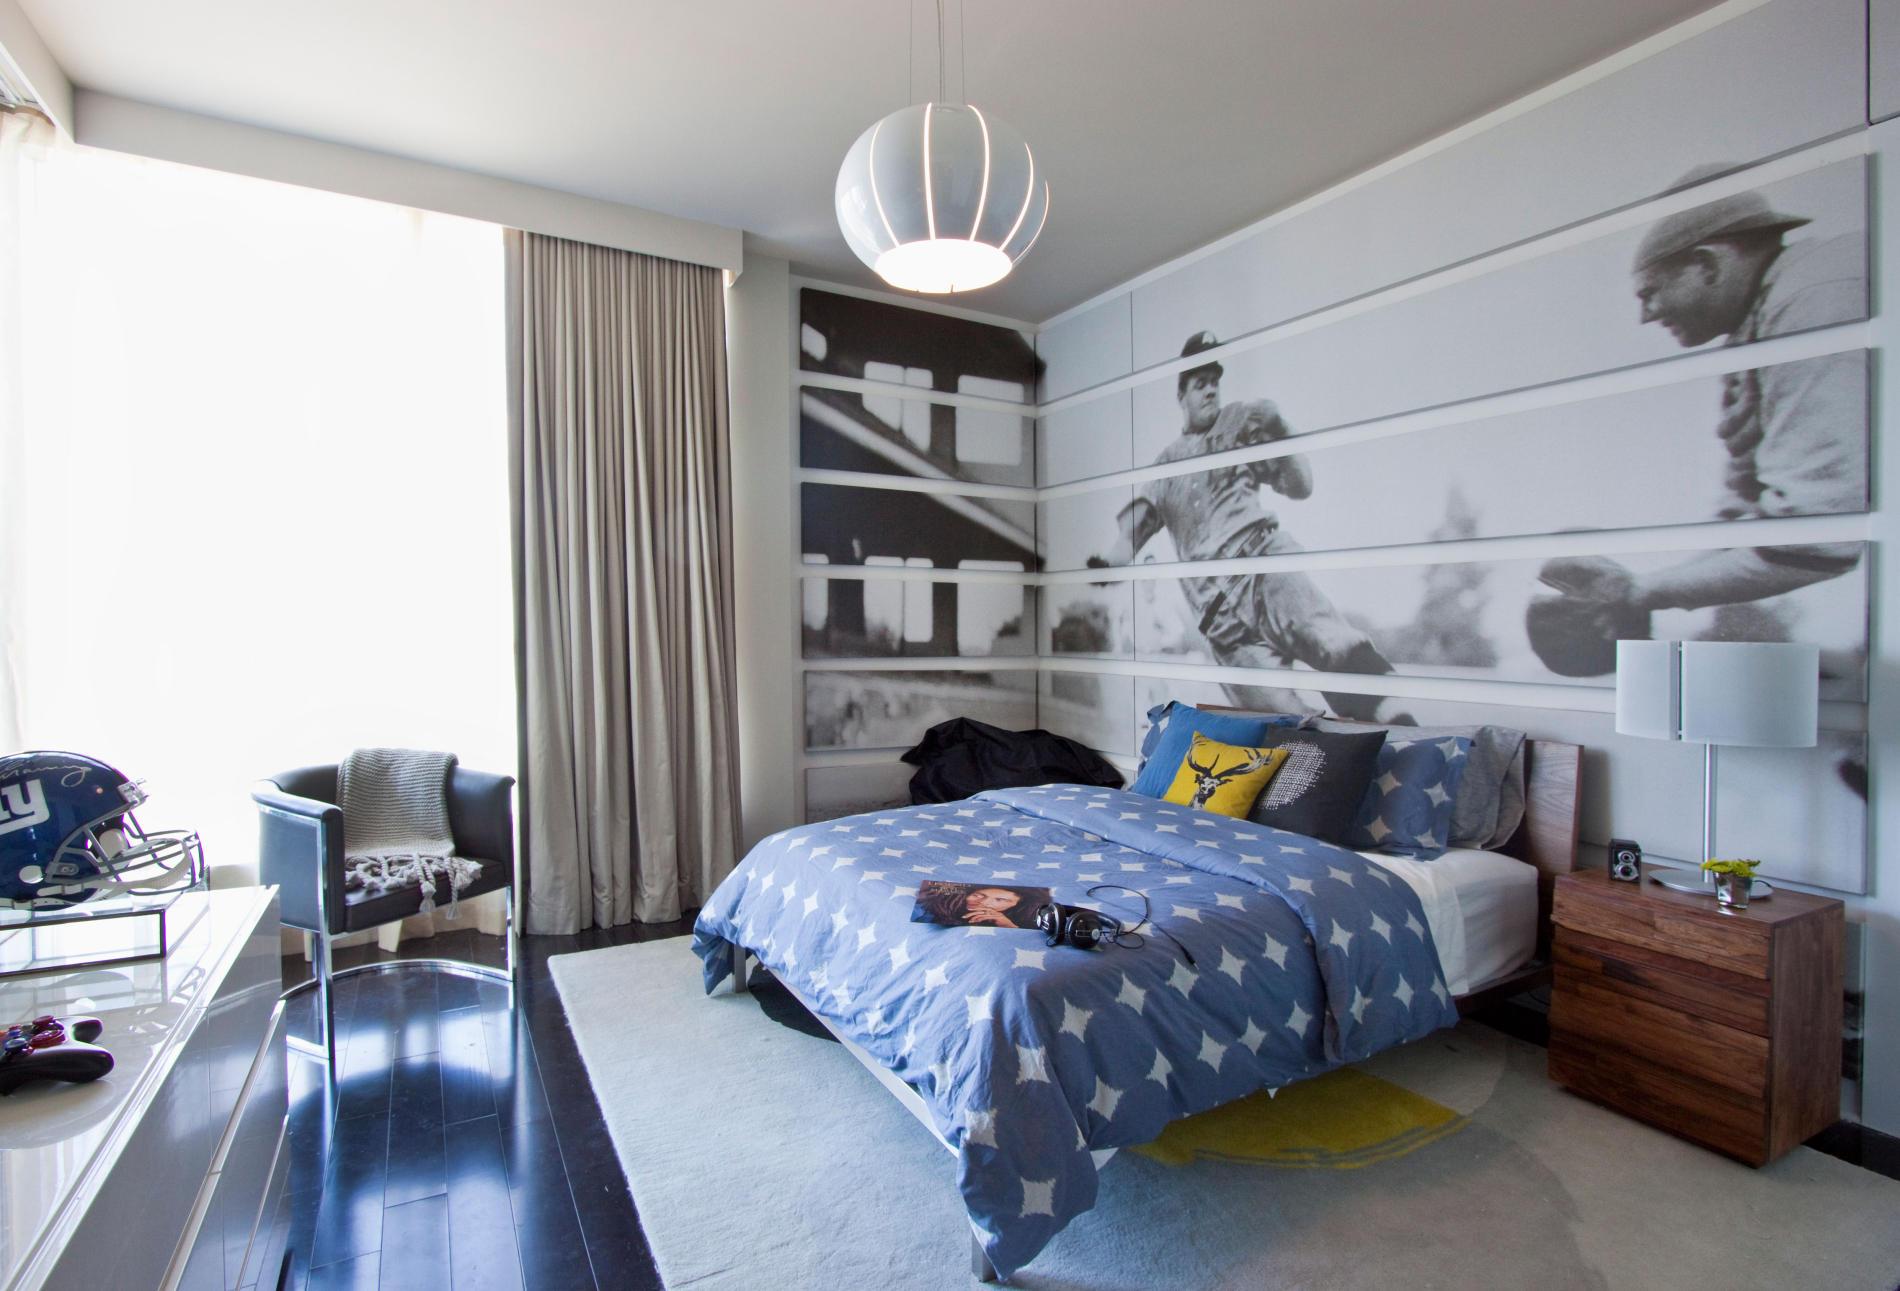 дизайн интерьера спальни для подростка.jpg